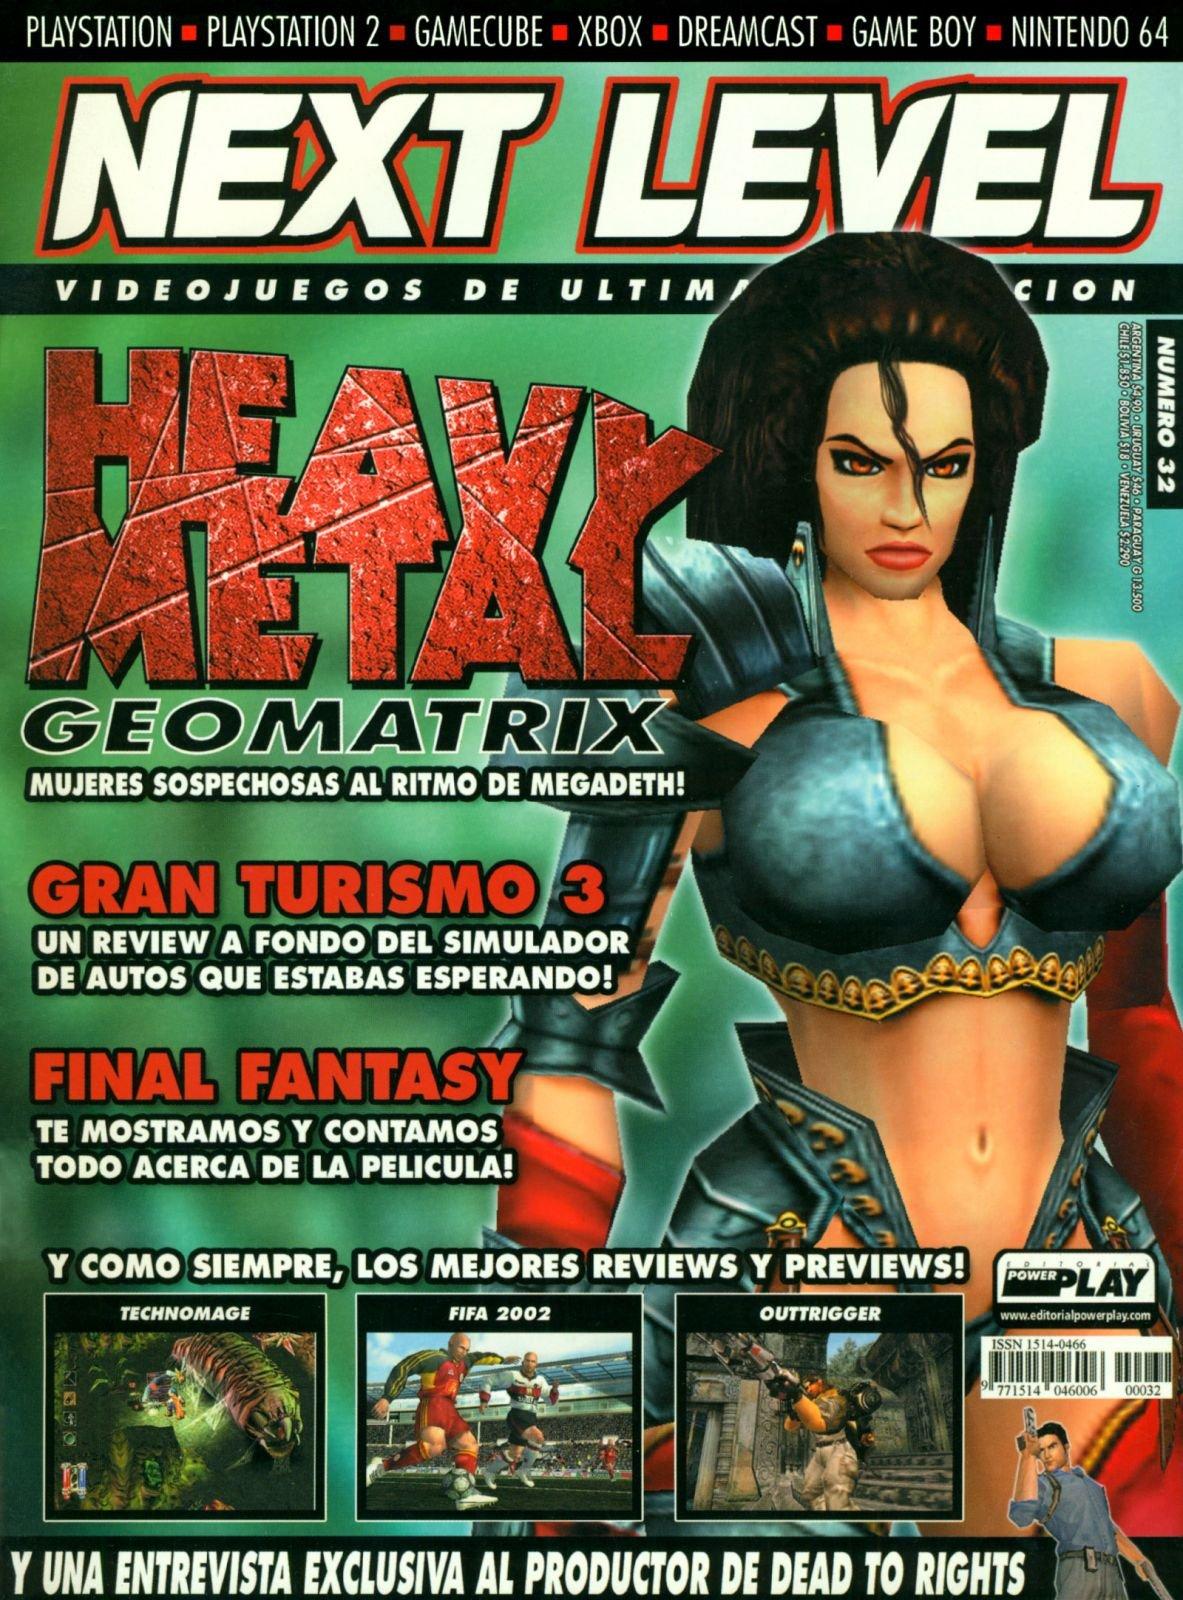 Next Level 32 September 2001